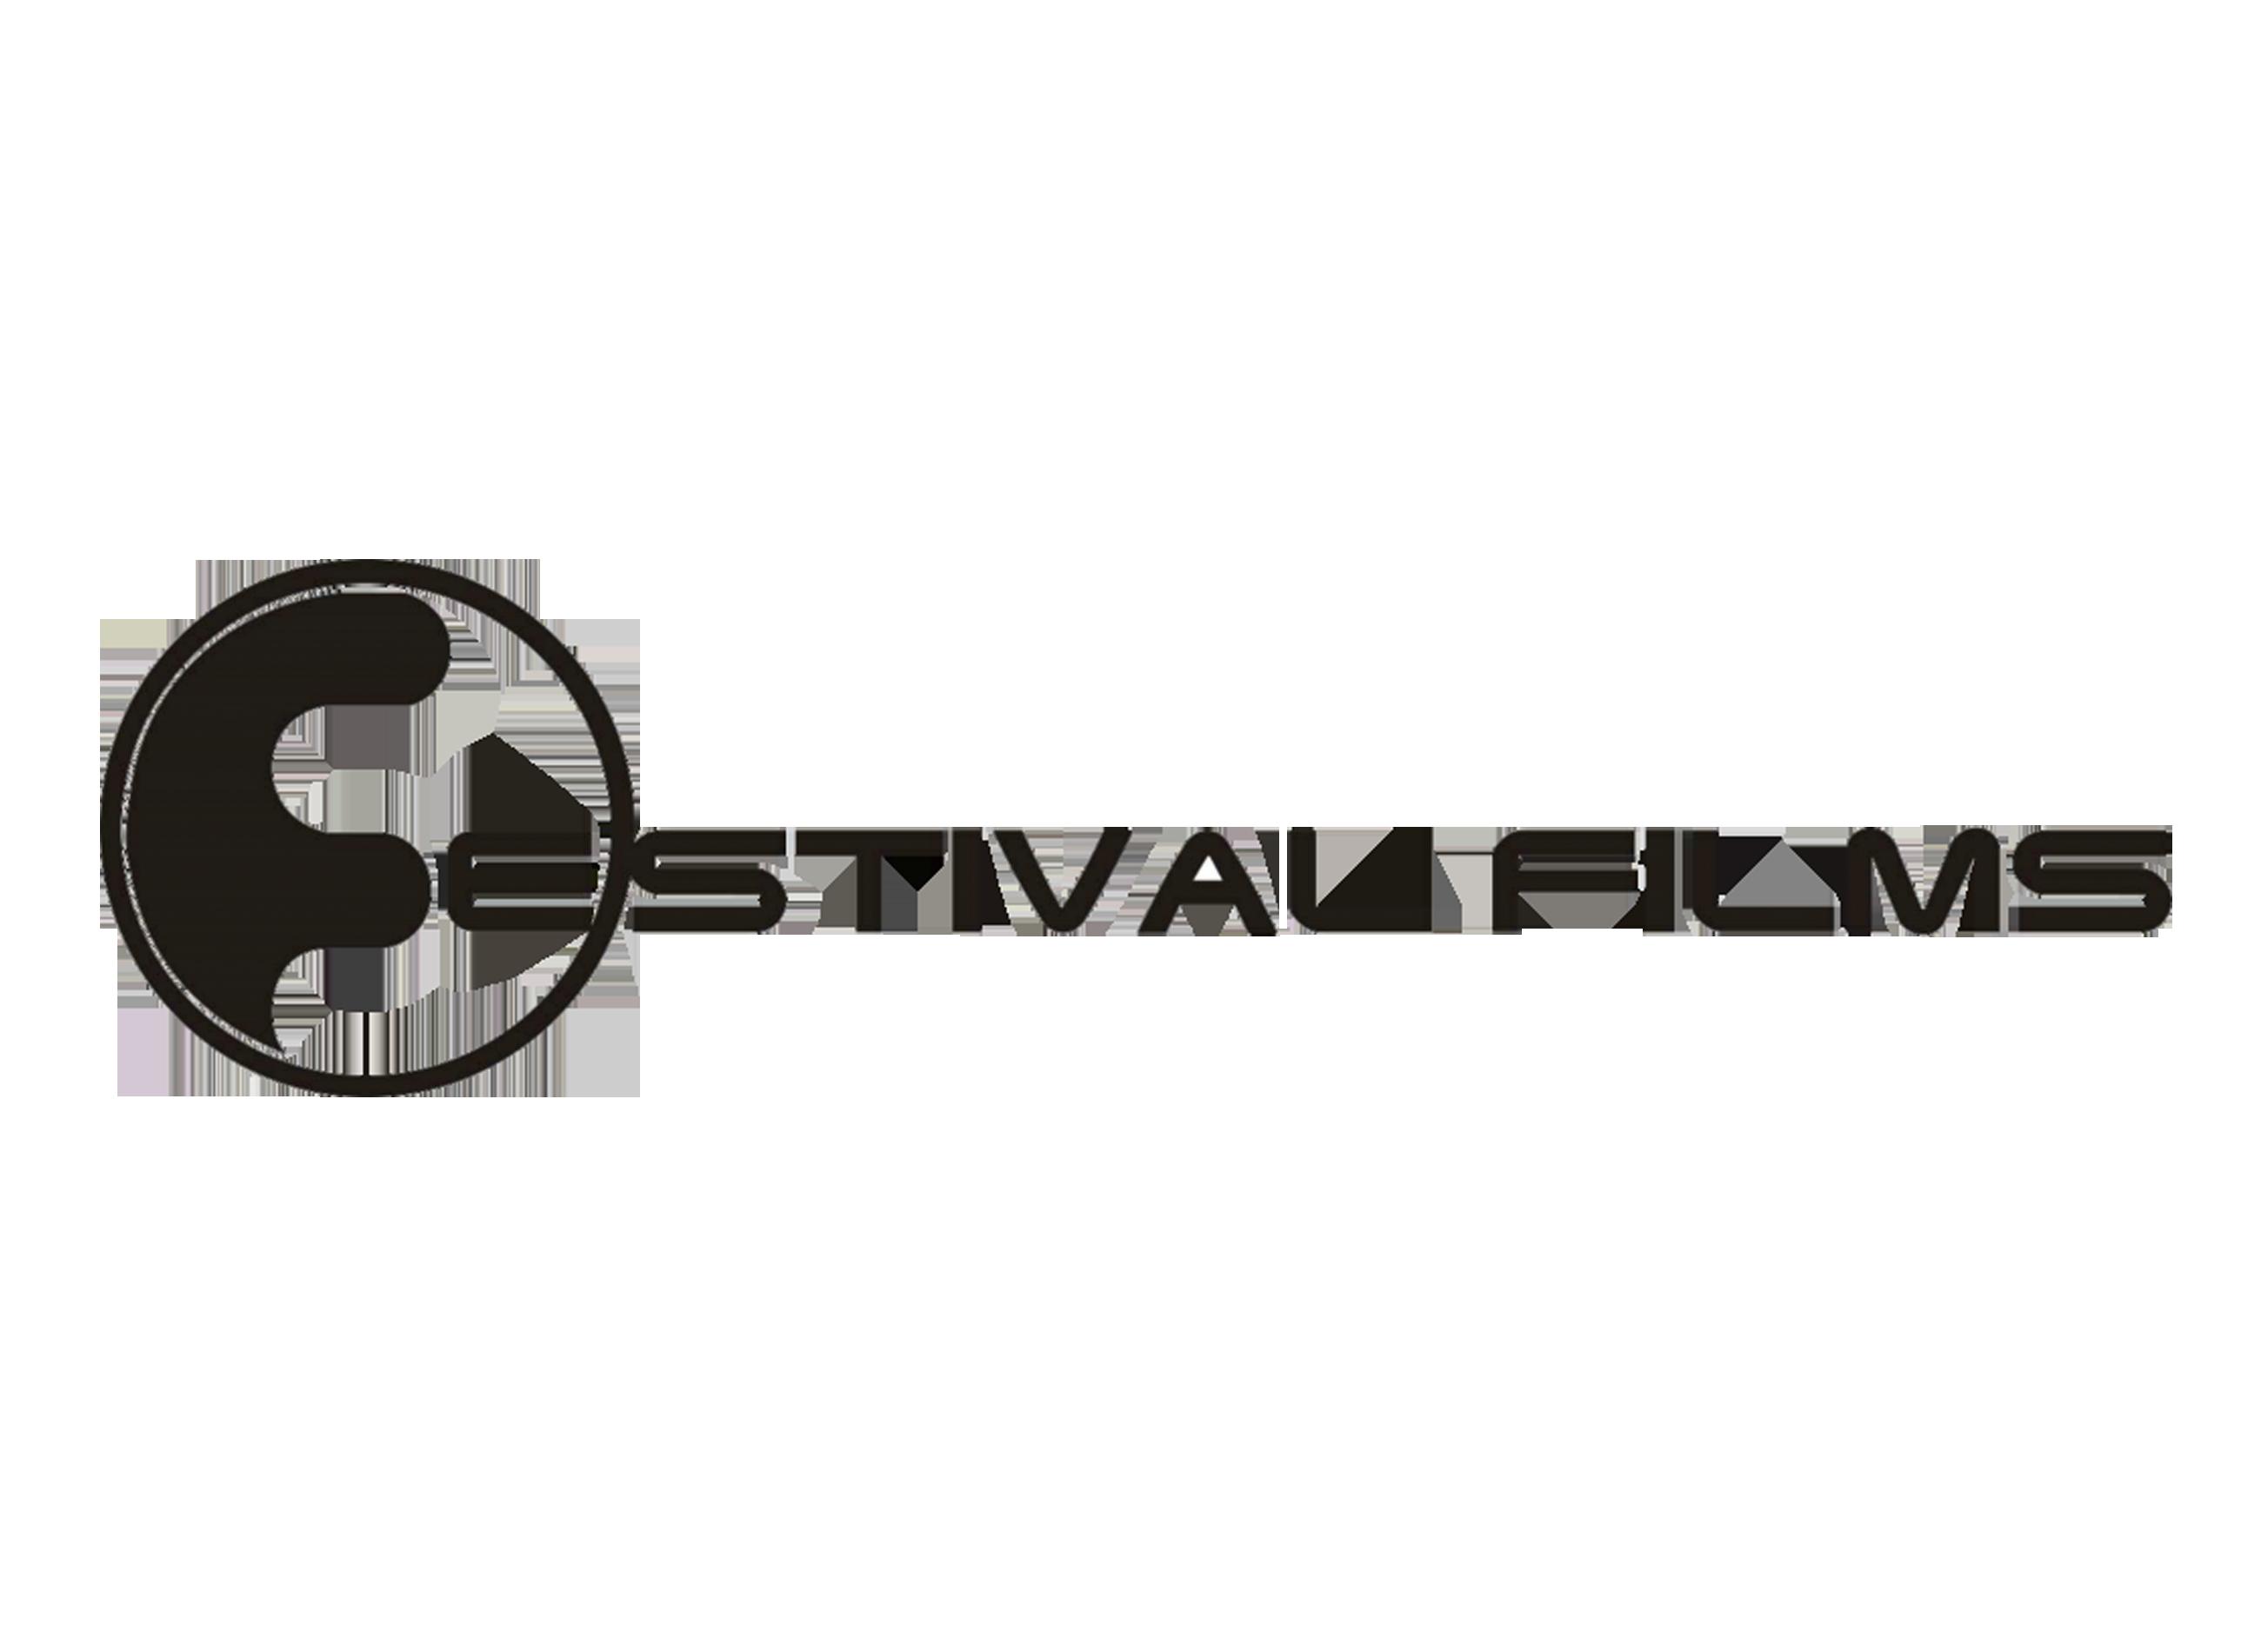 festival films